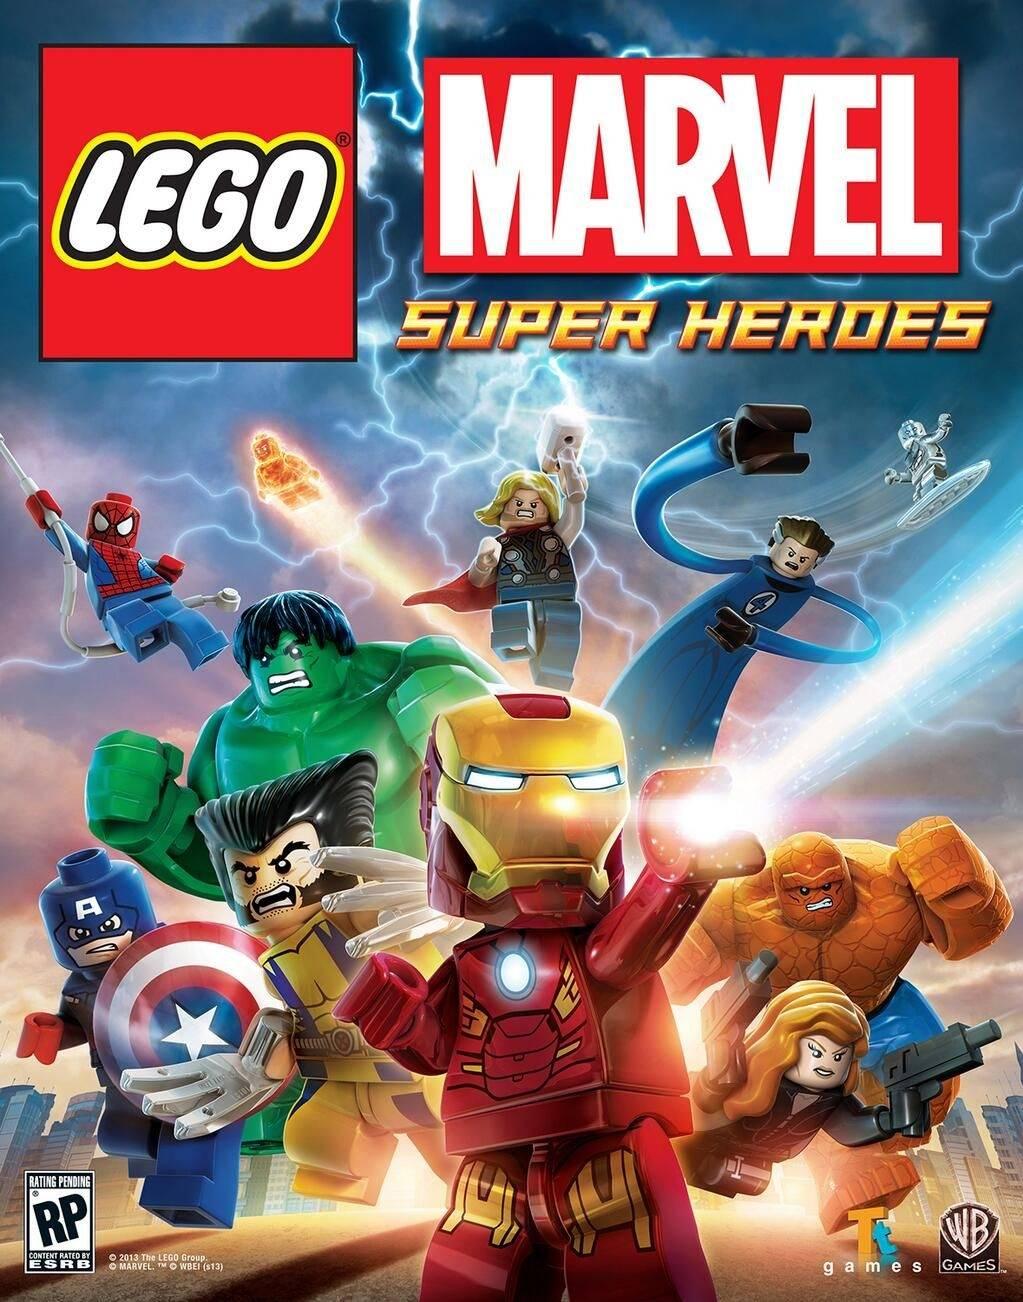 LEGO Marvel Super Heroes 2013 game